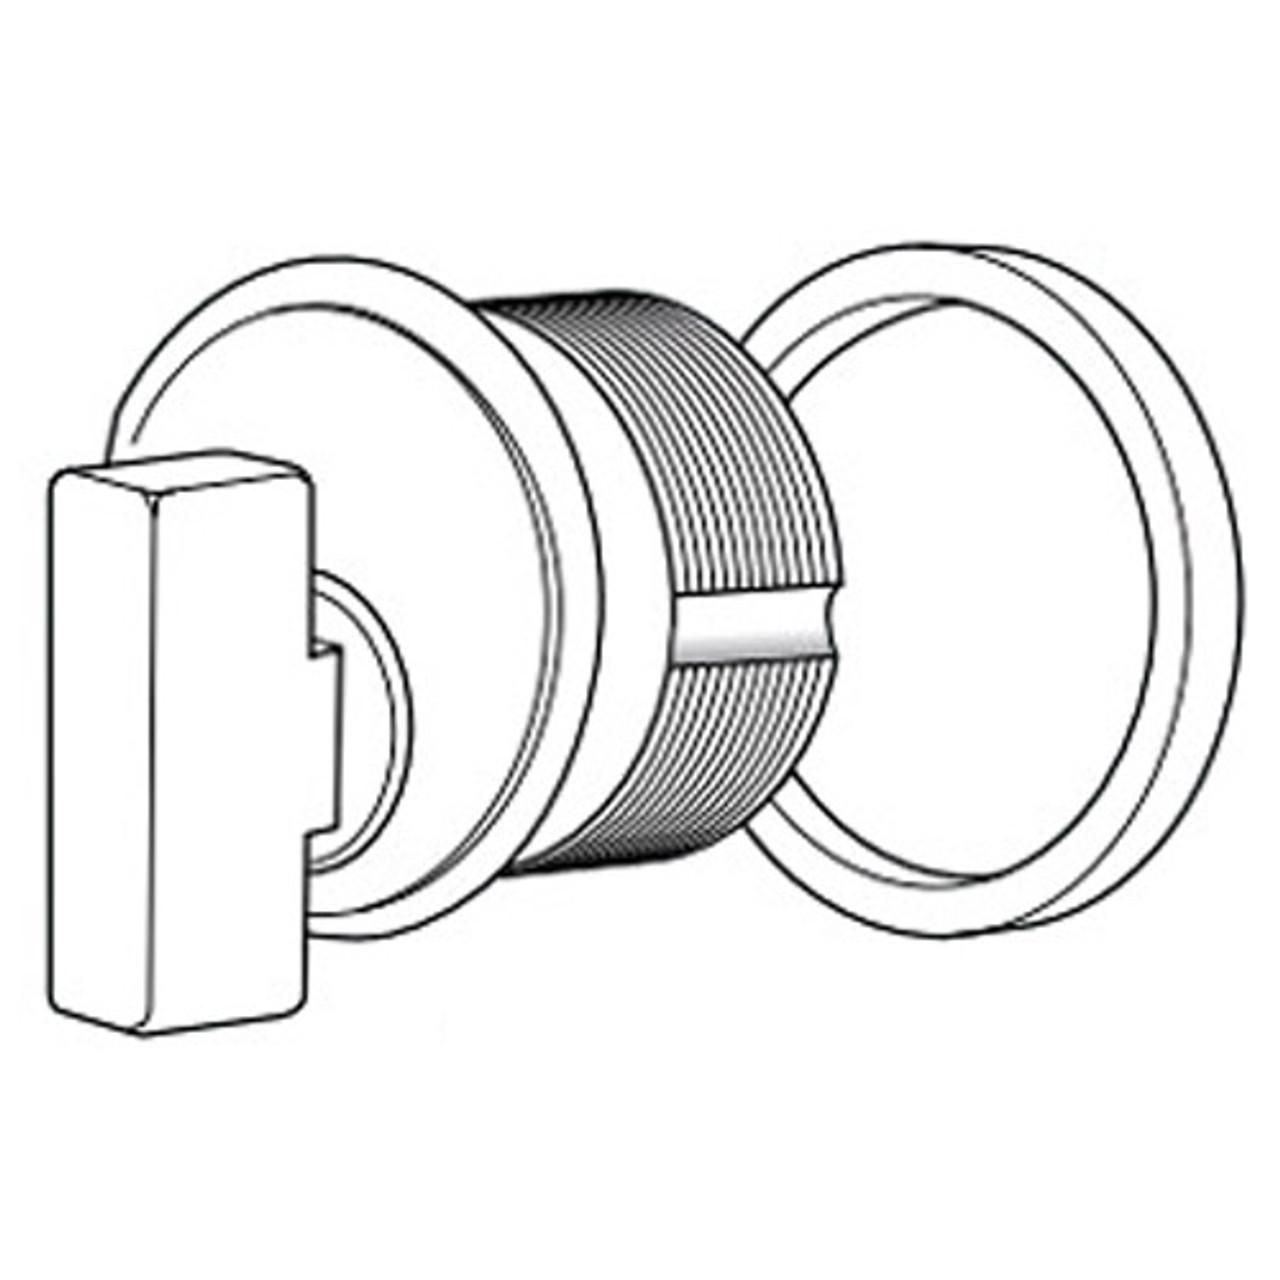 4066-01-313 Adams Rite Thumbturn Cylinder in Dark Bronze Anodized